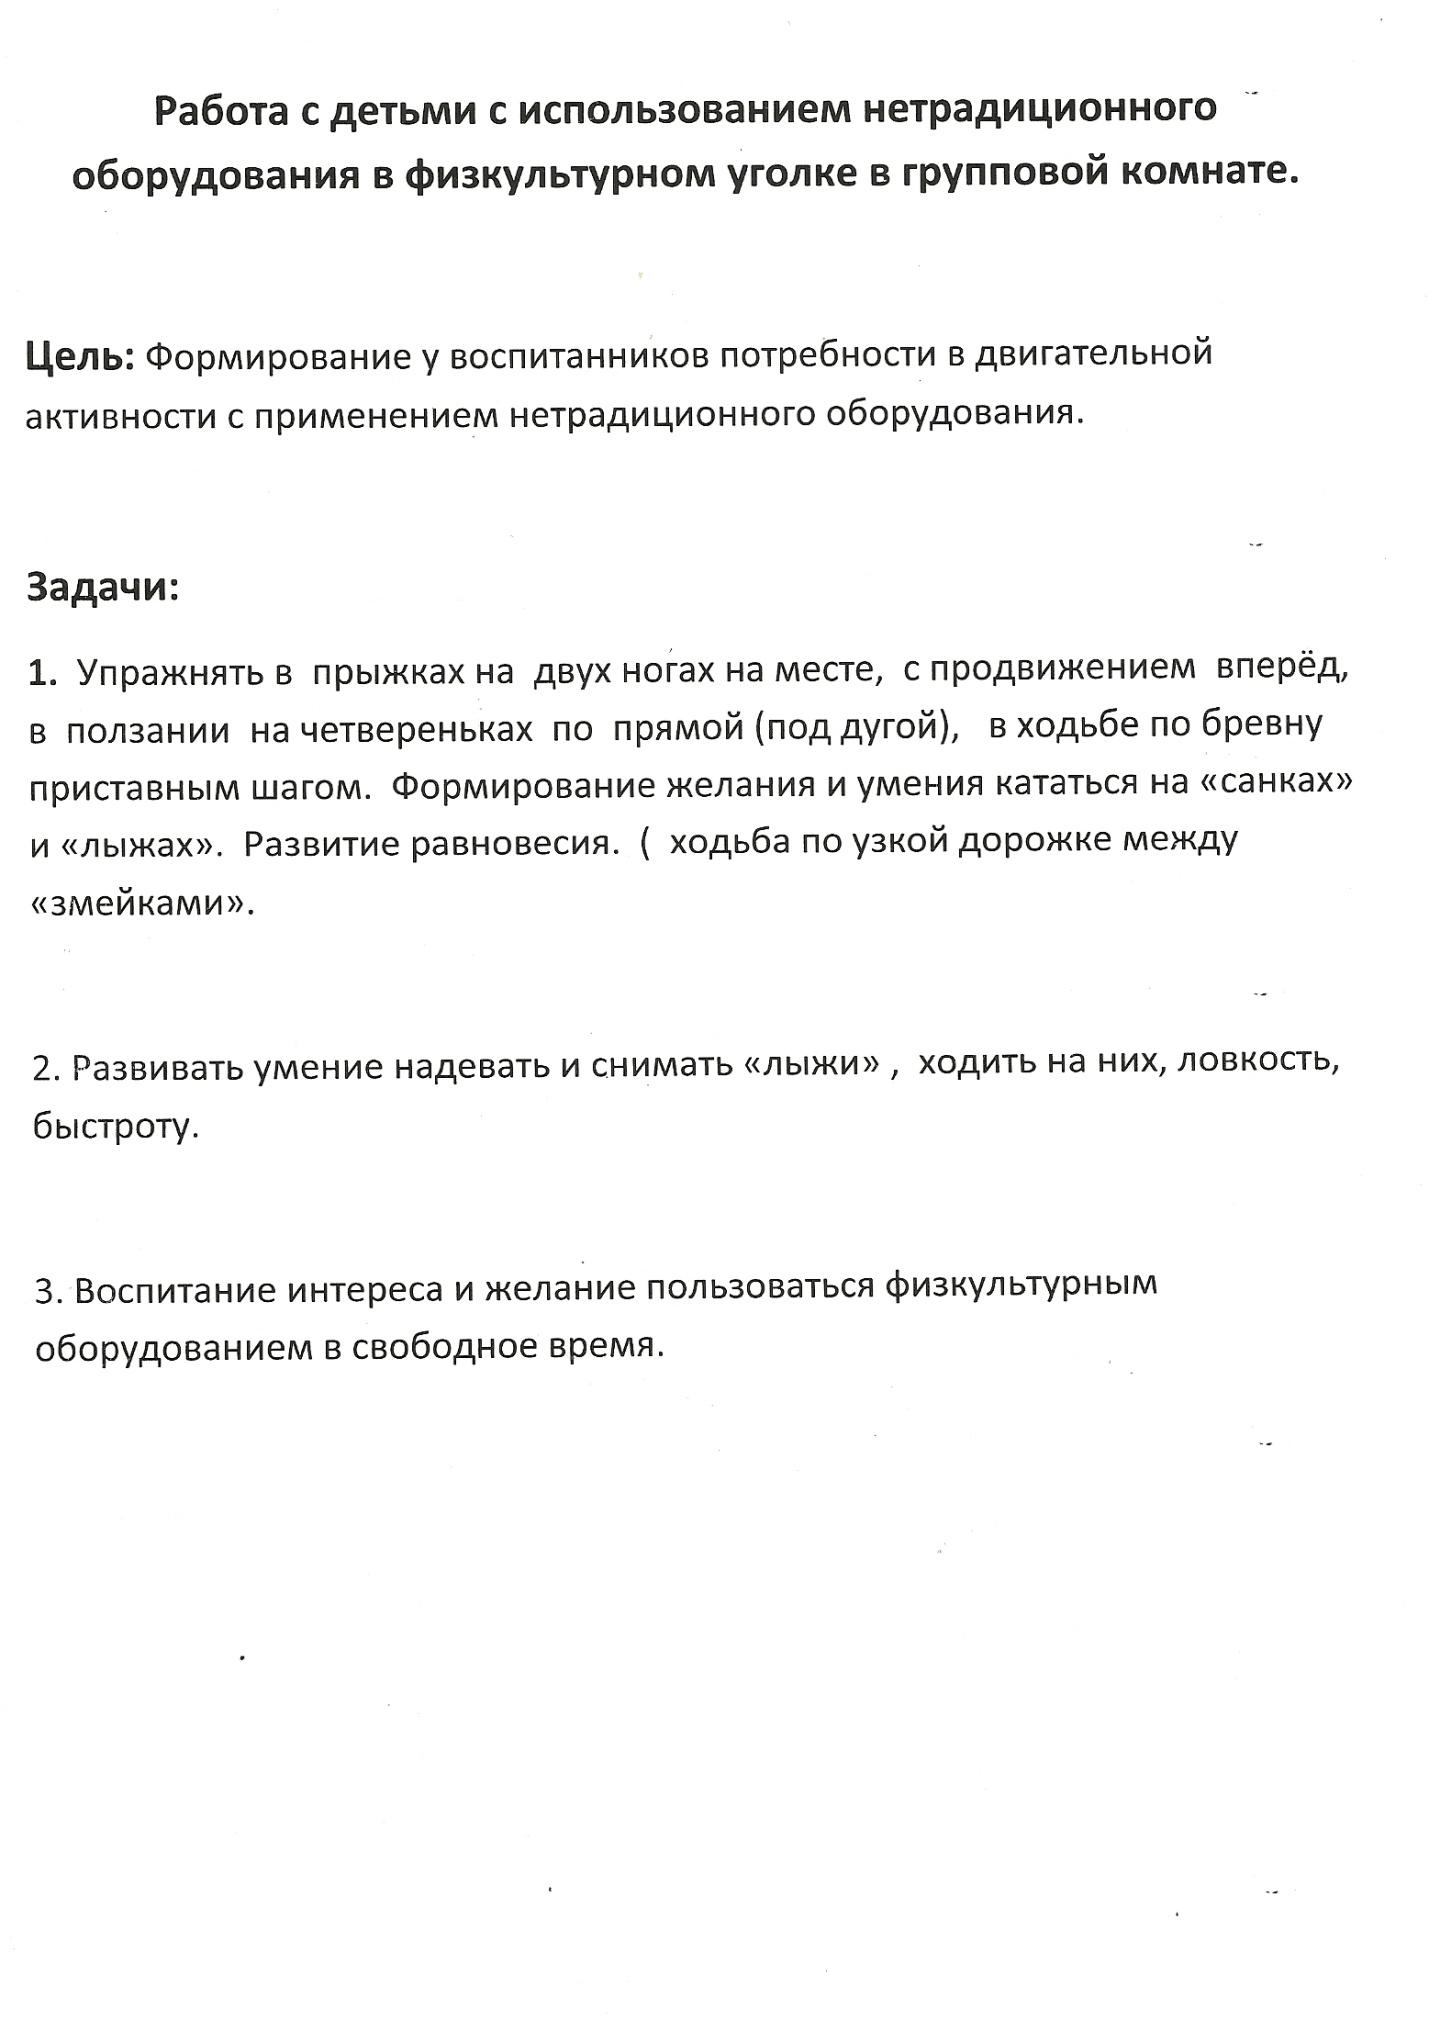 F:\сканер конспекты\сканирование0048.jpg